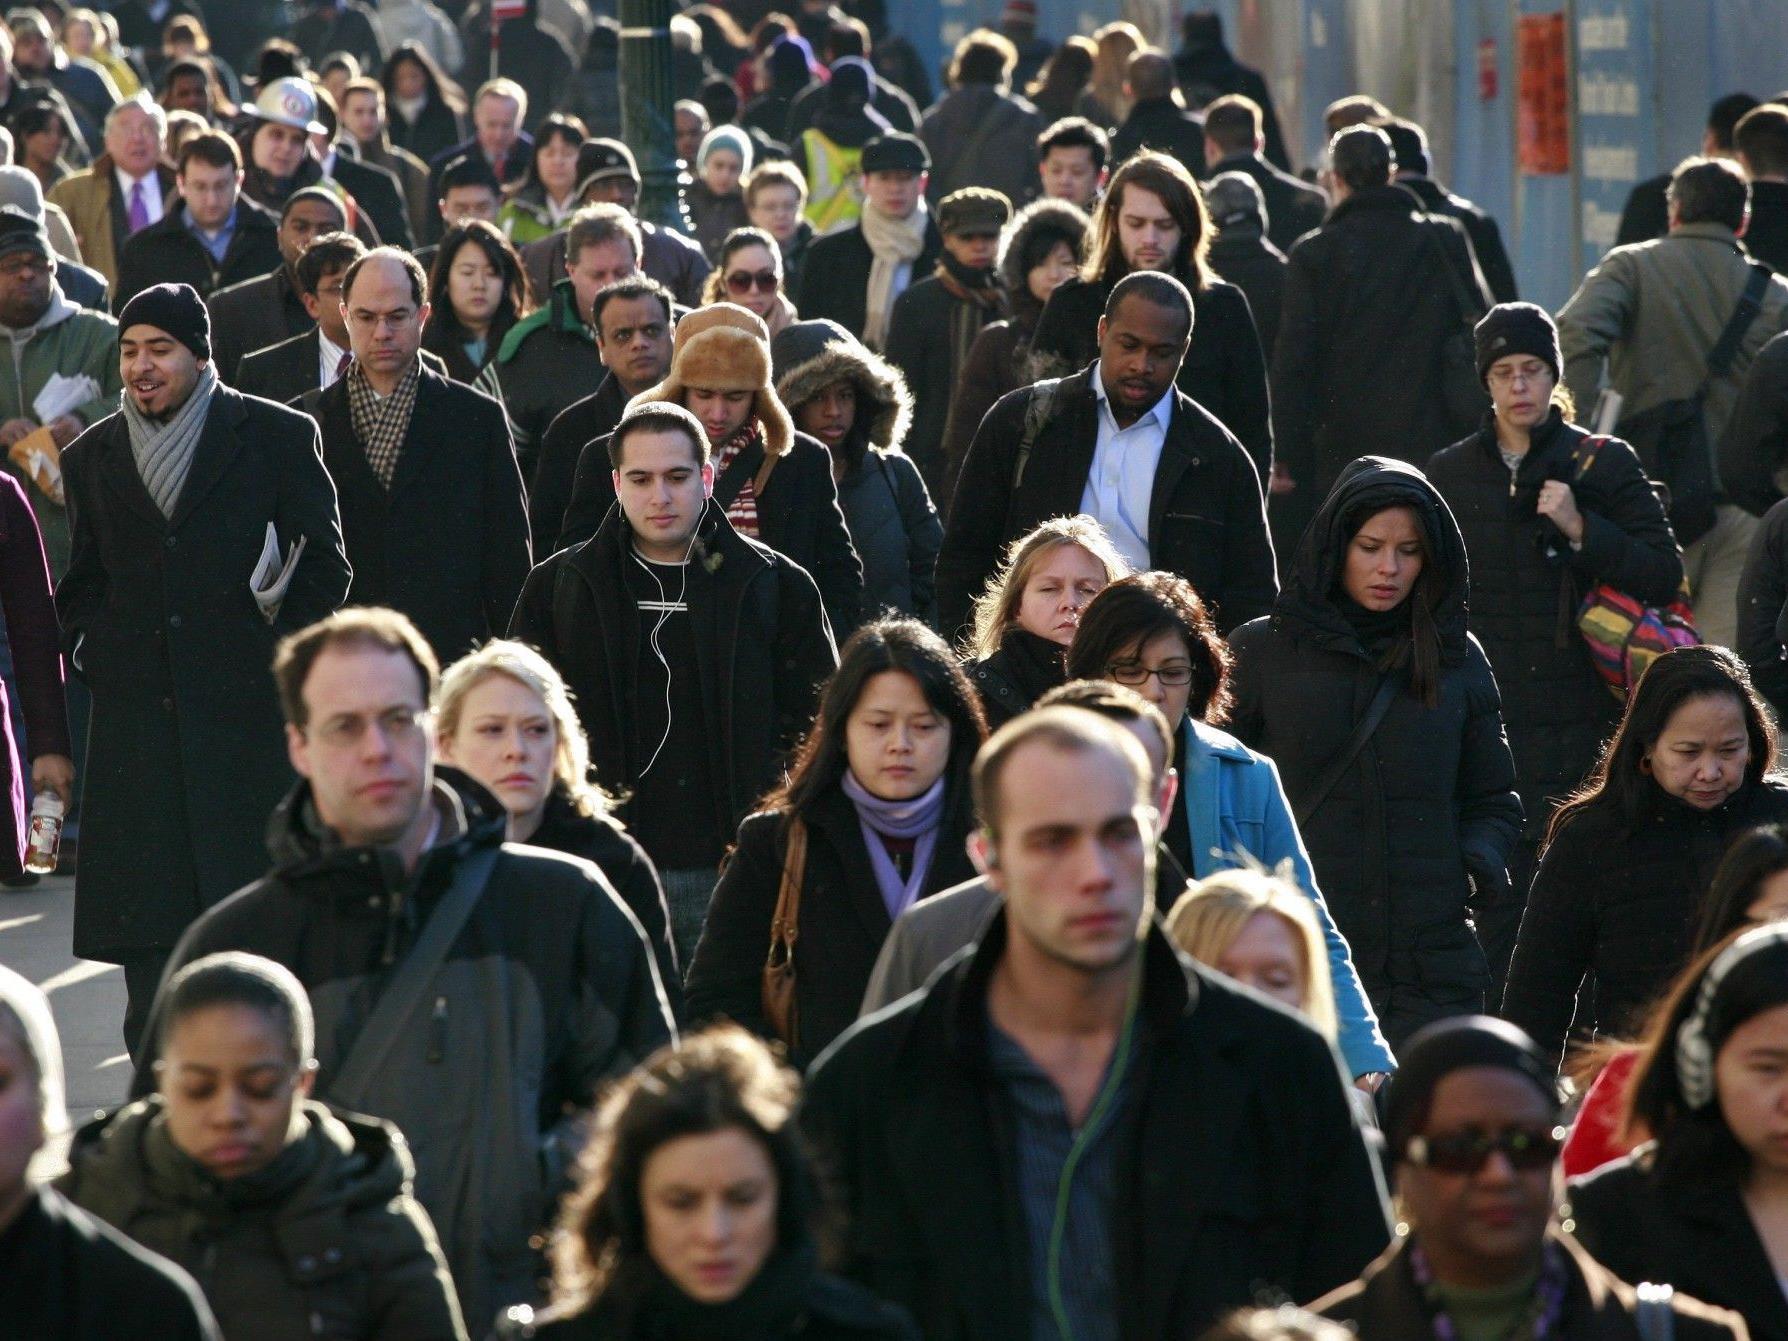 Weiße Bevölkerung 2043 nicht mehr in der Mehrheit.